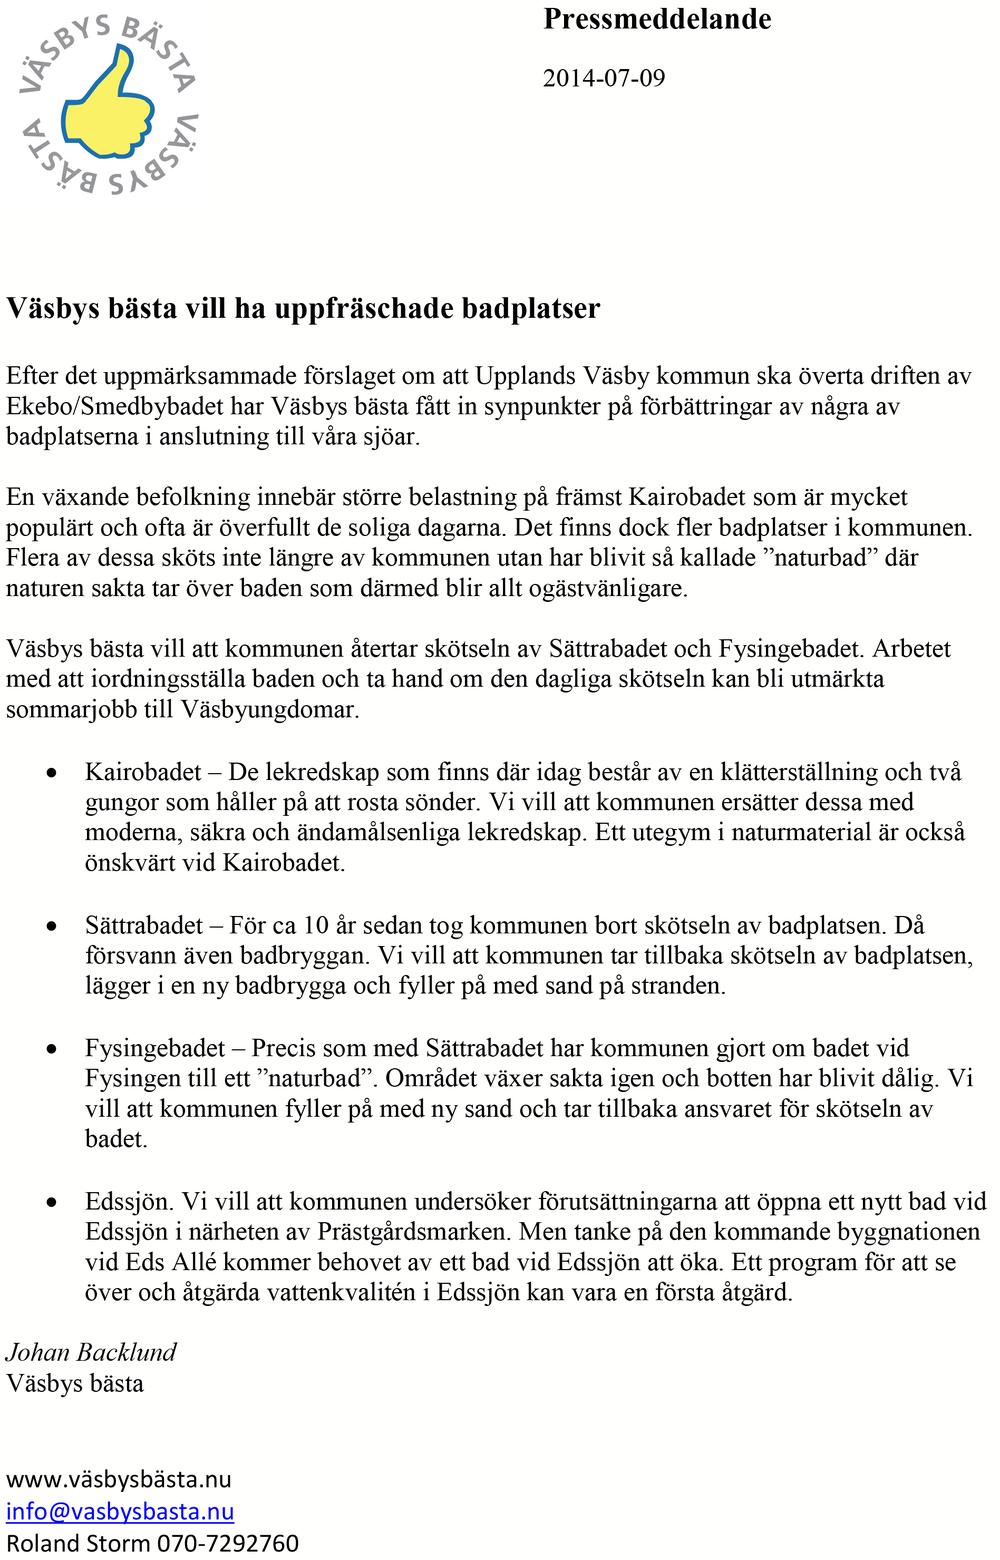 2014-07-09 Pressmeddelande Väsbys bästa vill ha uppfraschade badplatser kopiera.png